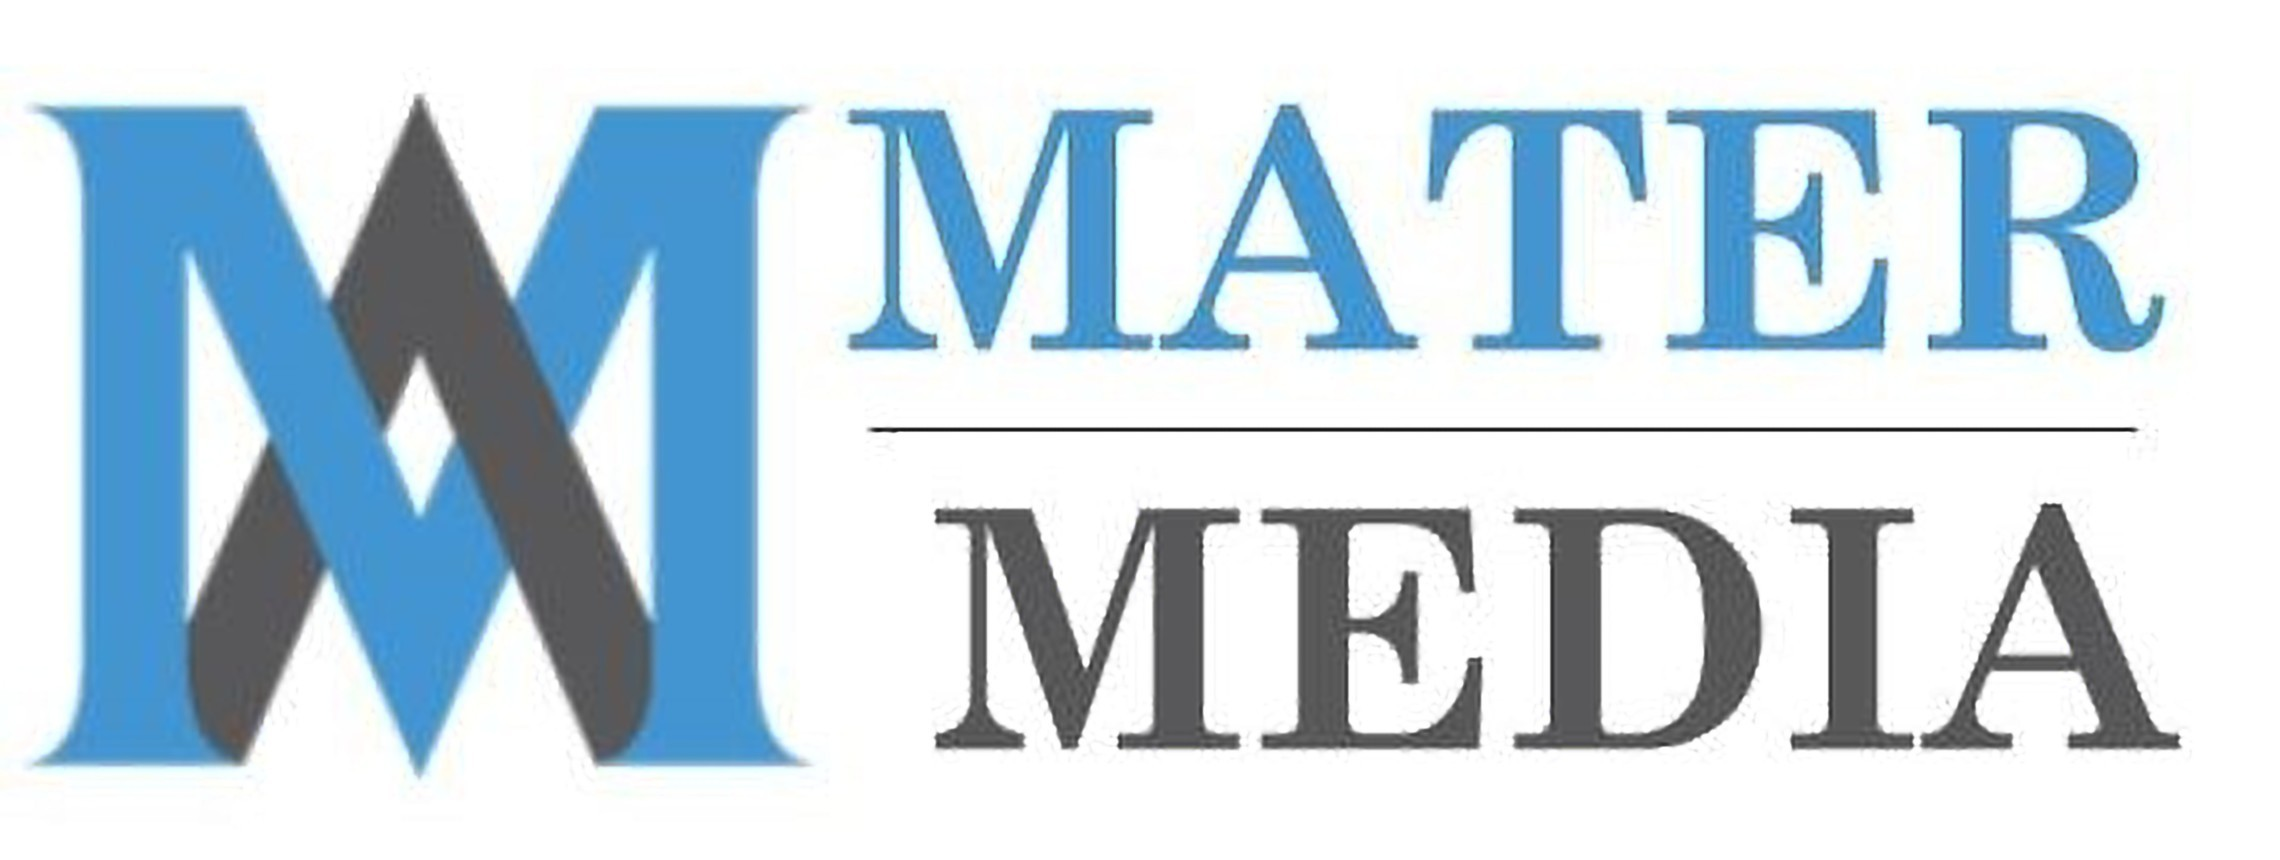 Mater Media Logos1.v1